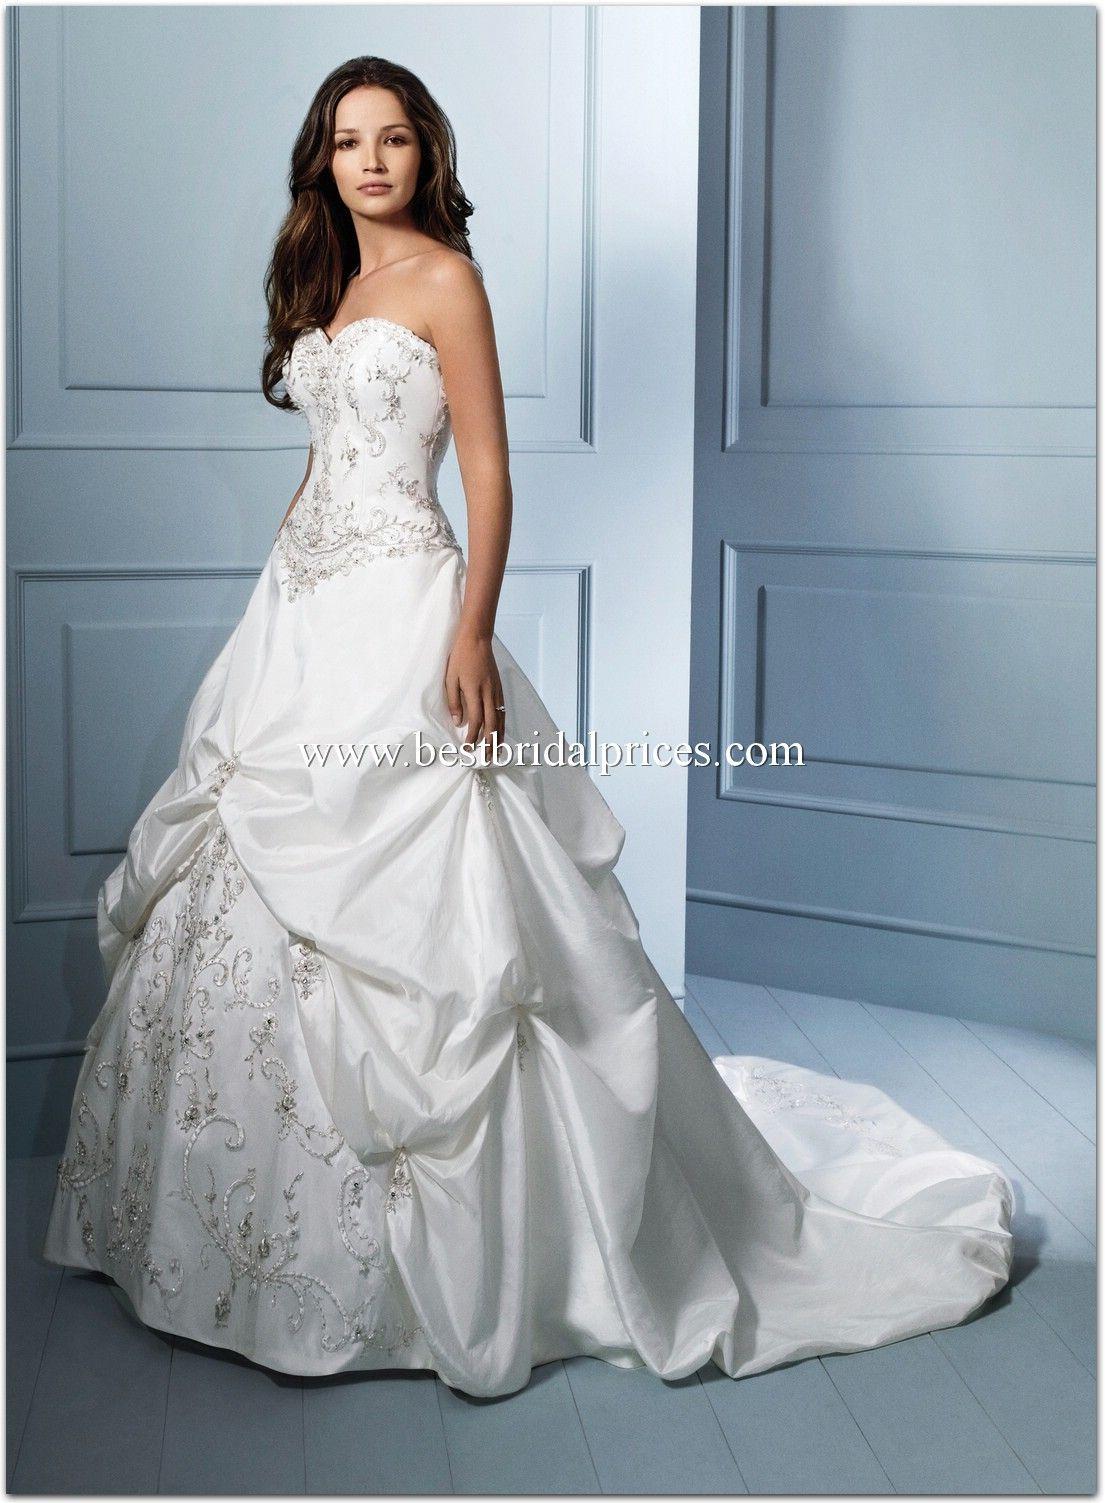 alfred+angelo+sapphire | Alfred Angelo Sapphire Wedding Dresses ...